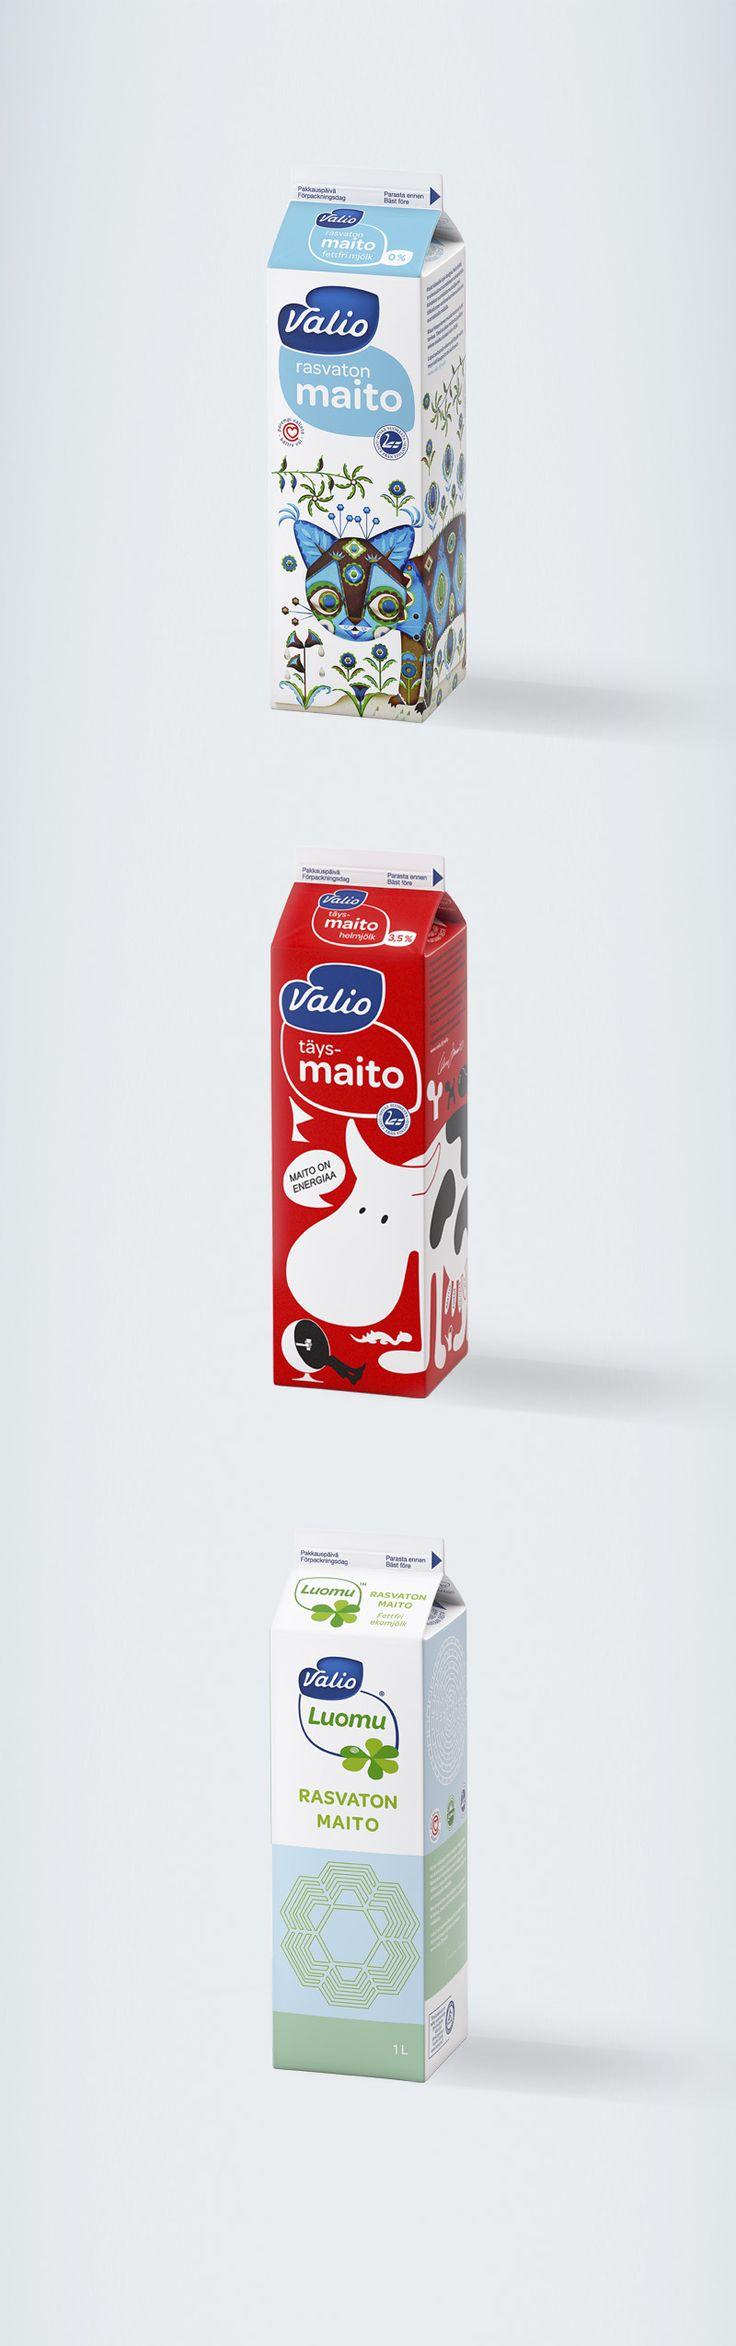 Valio | Design milk project